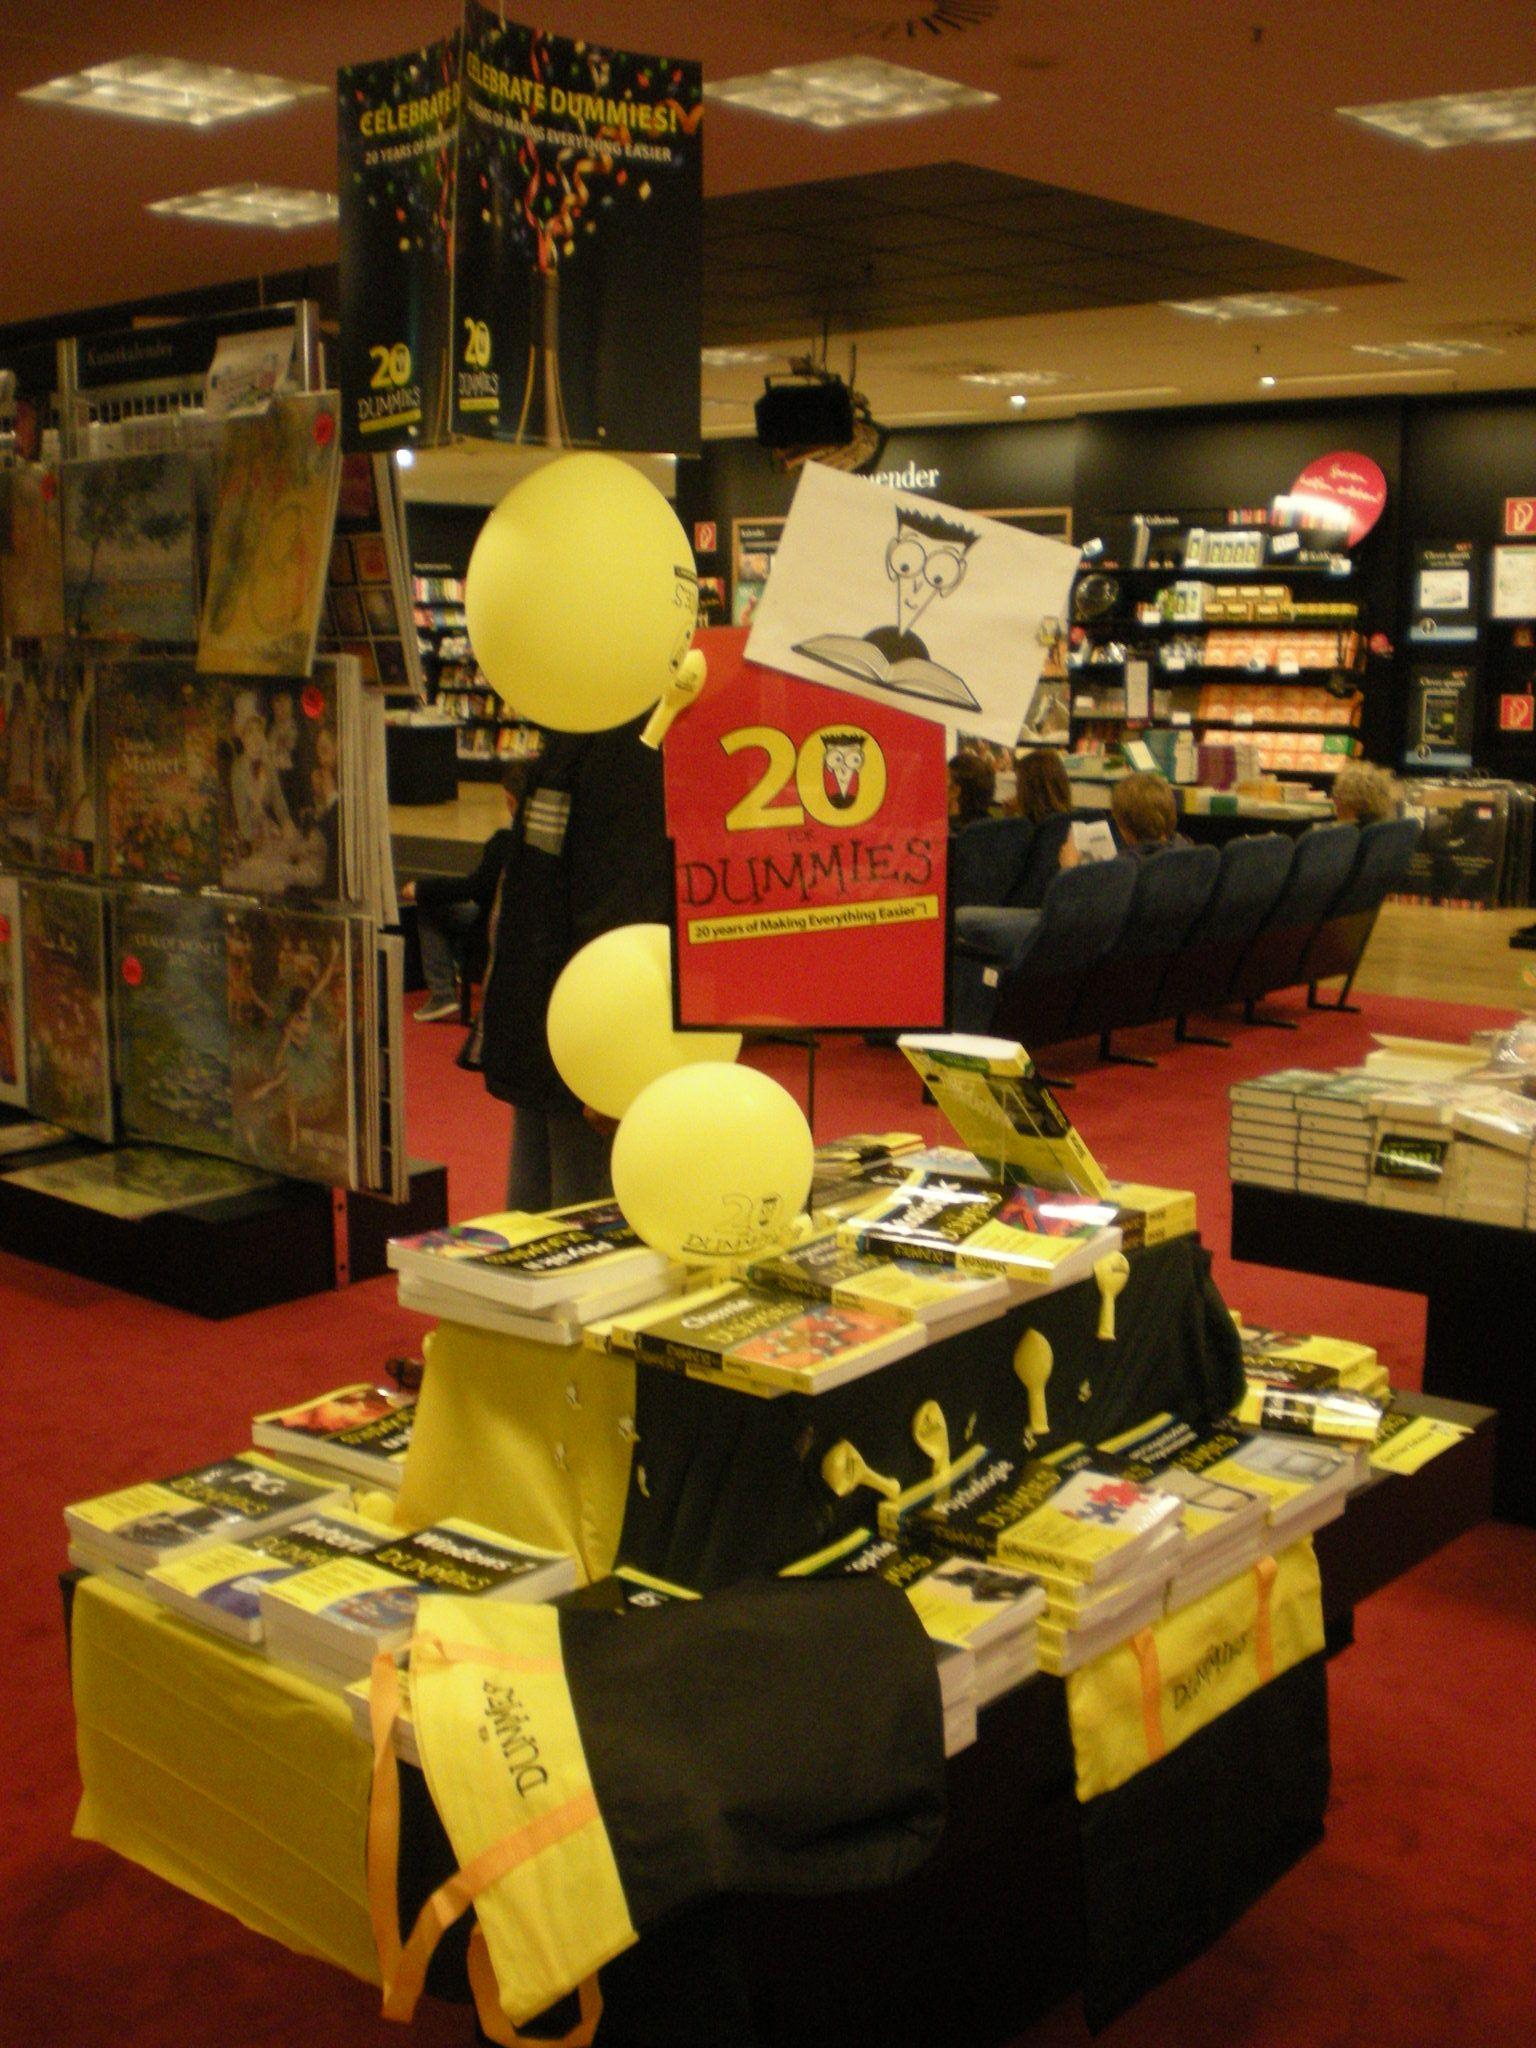 21 21 Jahre für Dummies Ideen   für dummies, 21er, 21er jahre